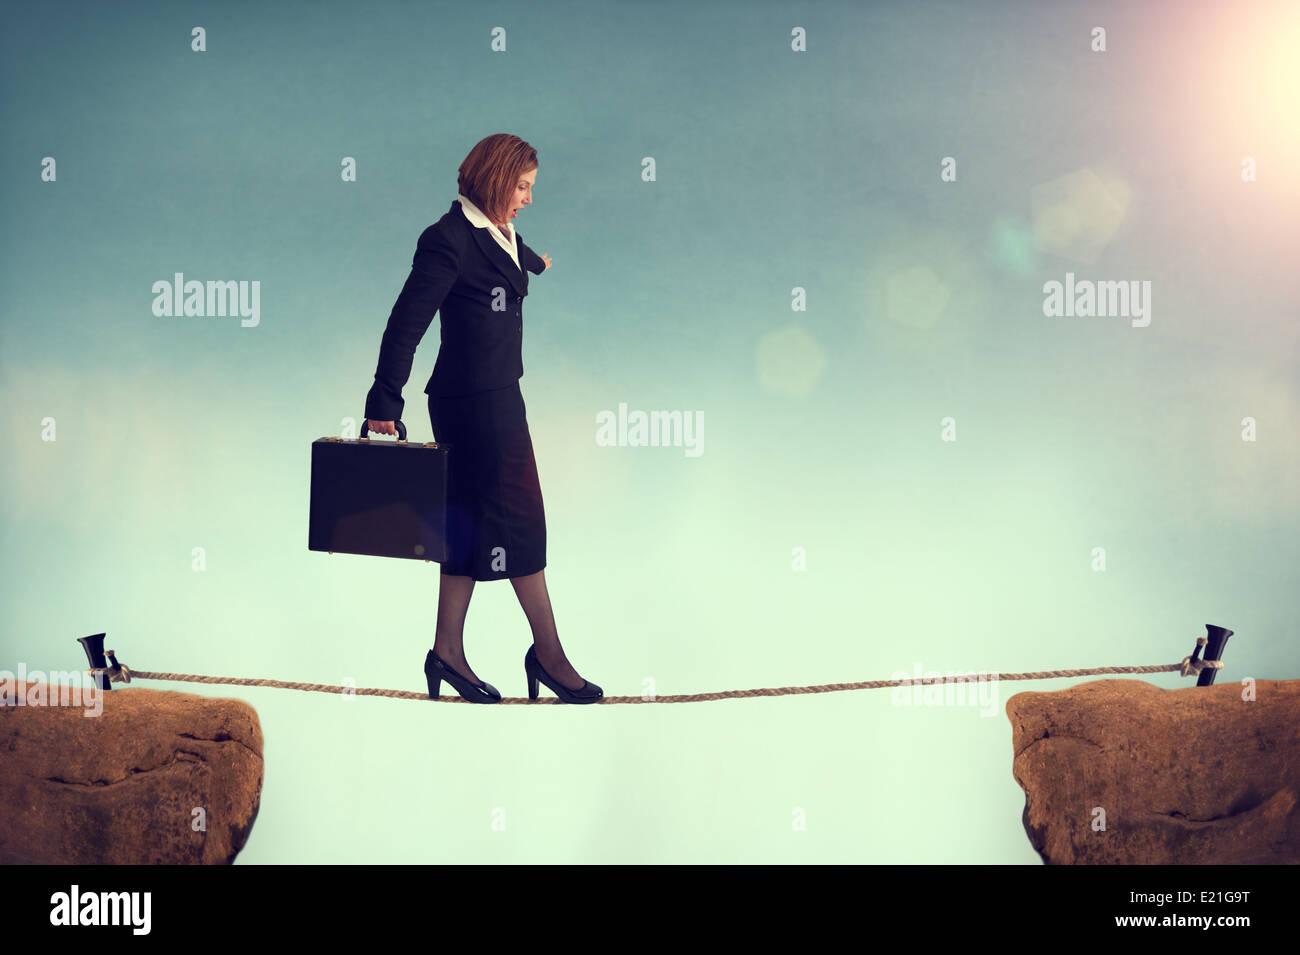 Geschäftsfrau, balancieren auf einem Drahtseil mit Blick auf eine Herausforderung oder Risiko oder Eroberung Stockbild